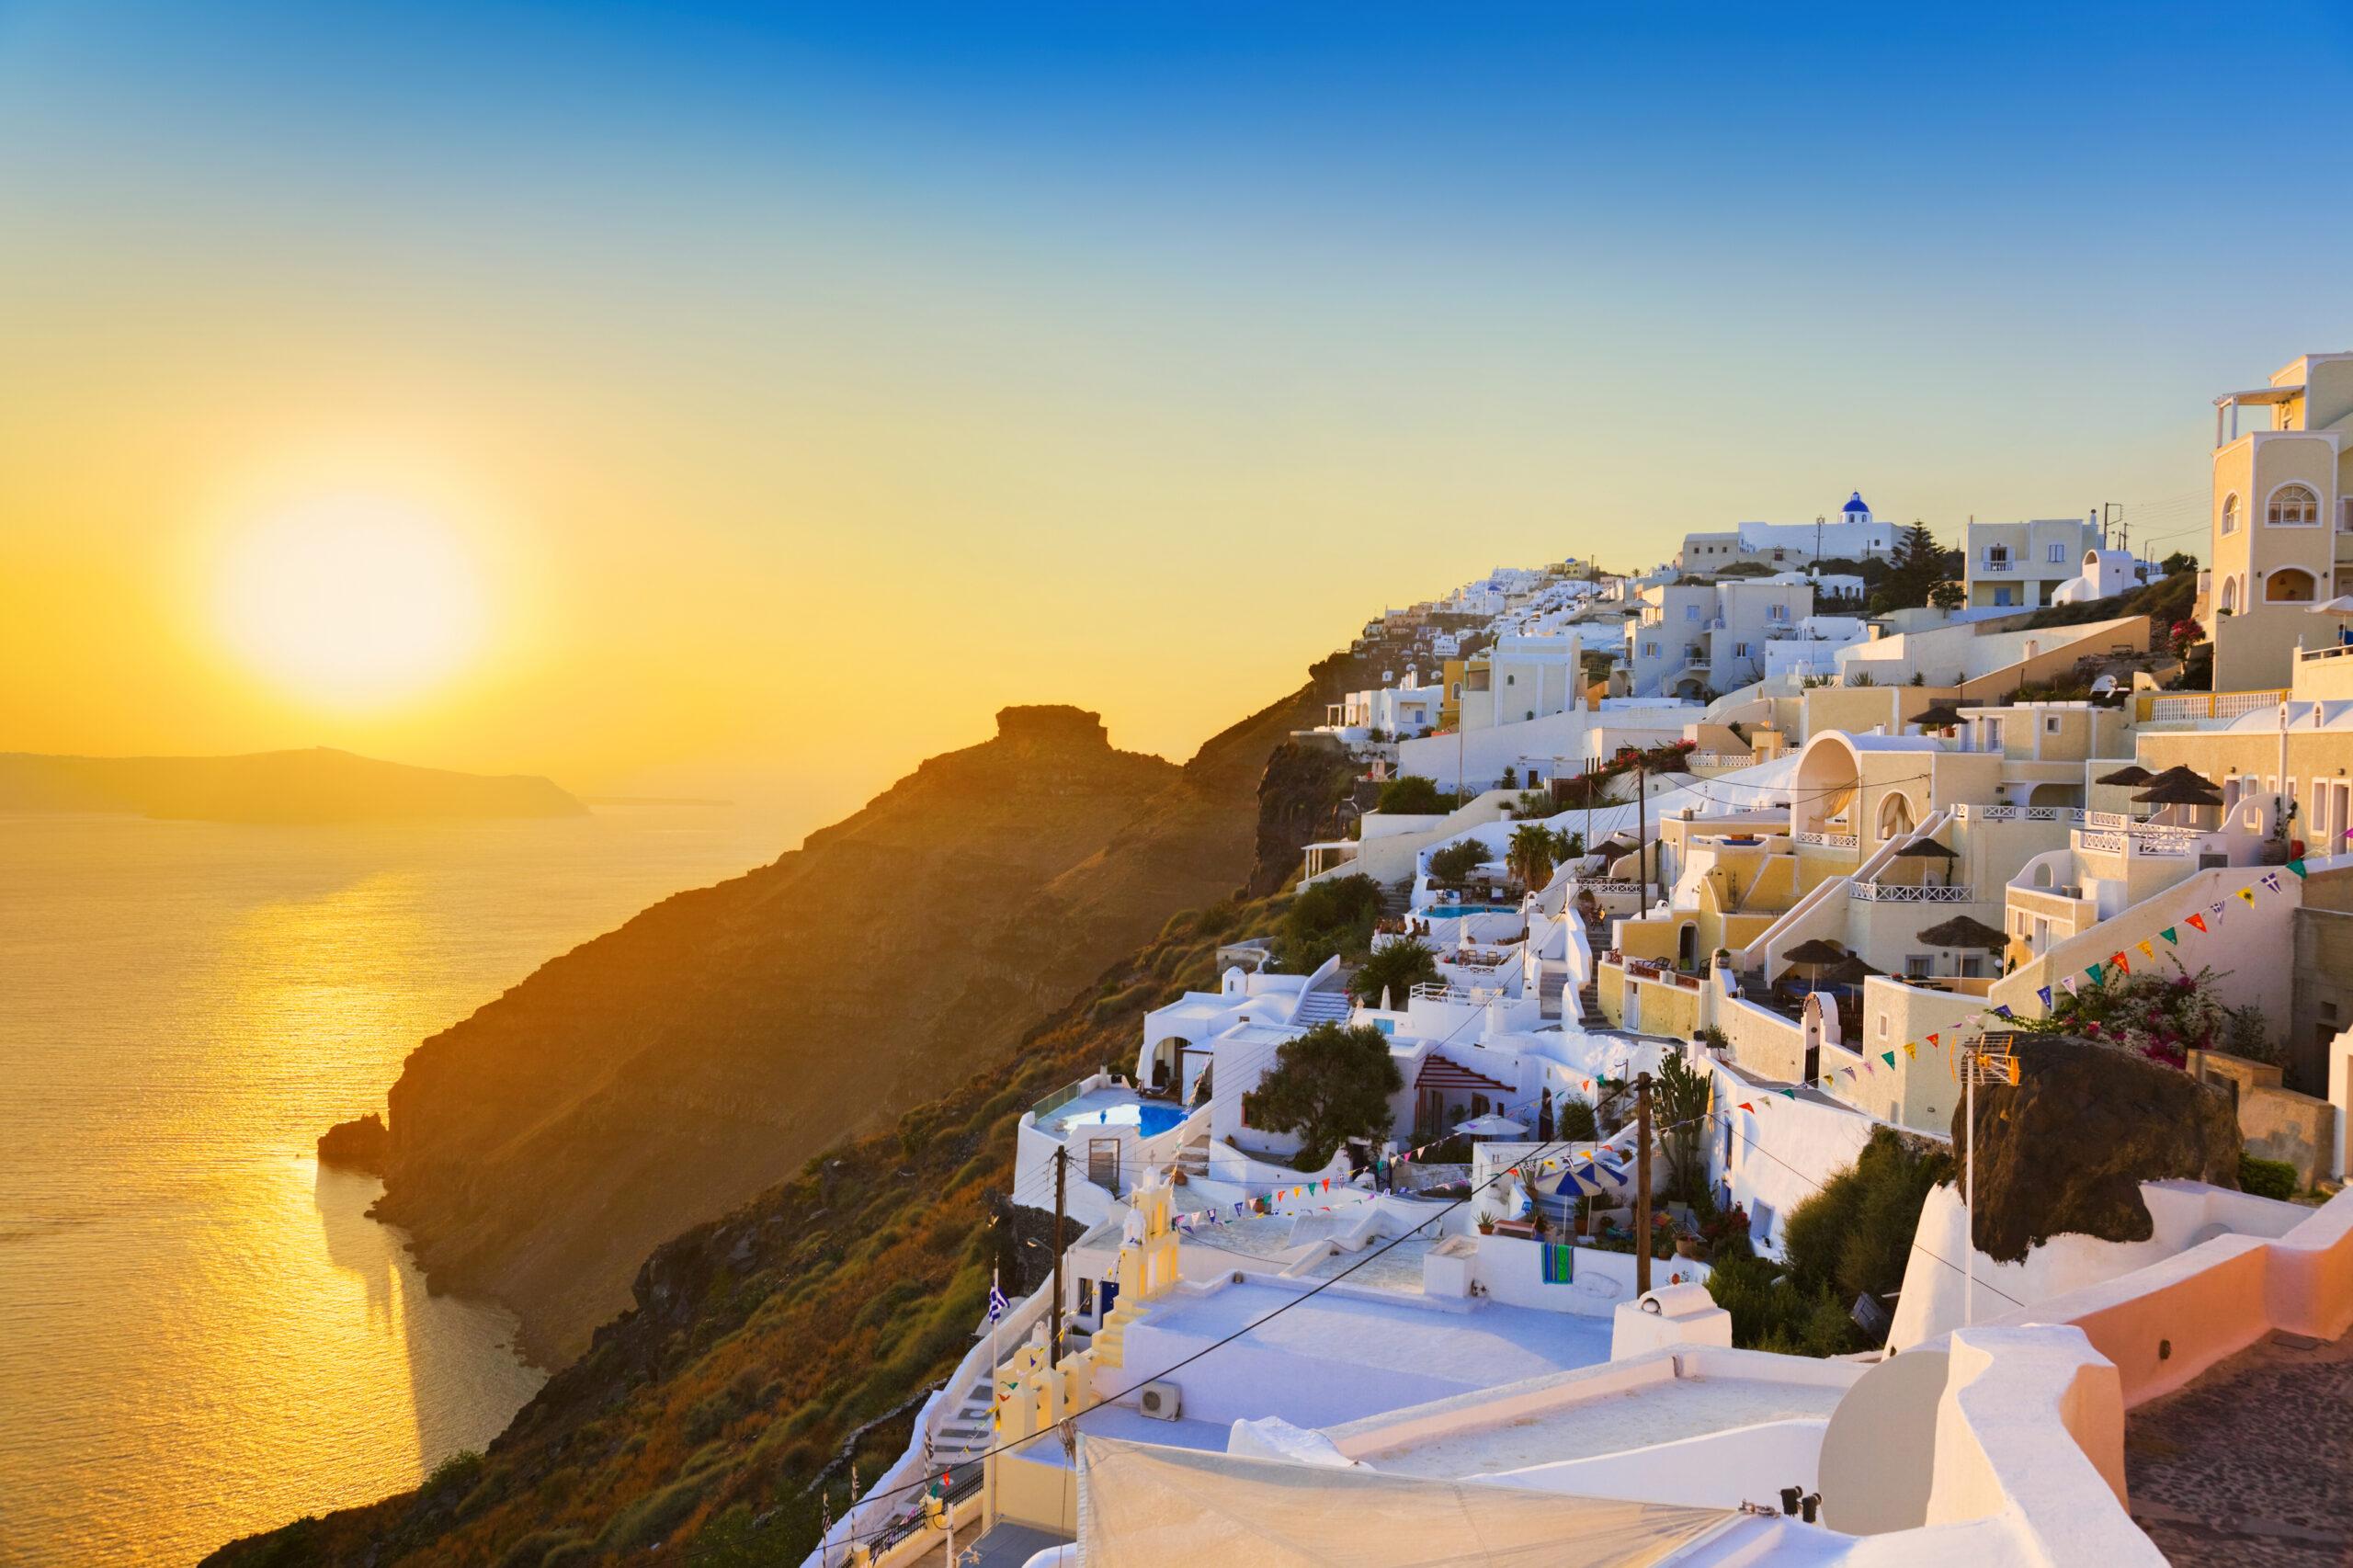 Σύσσωμος ο ξένος Τύπος συμφωνεί: Η Ελλάδα ελκυστικός προορισμός εν μέσω πανδημίας